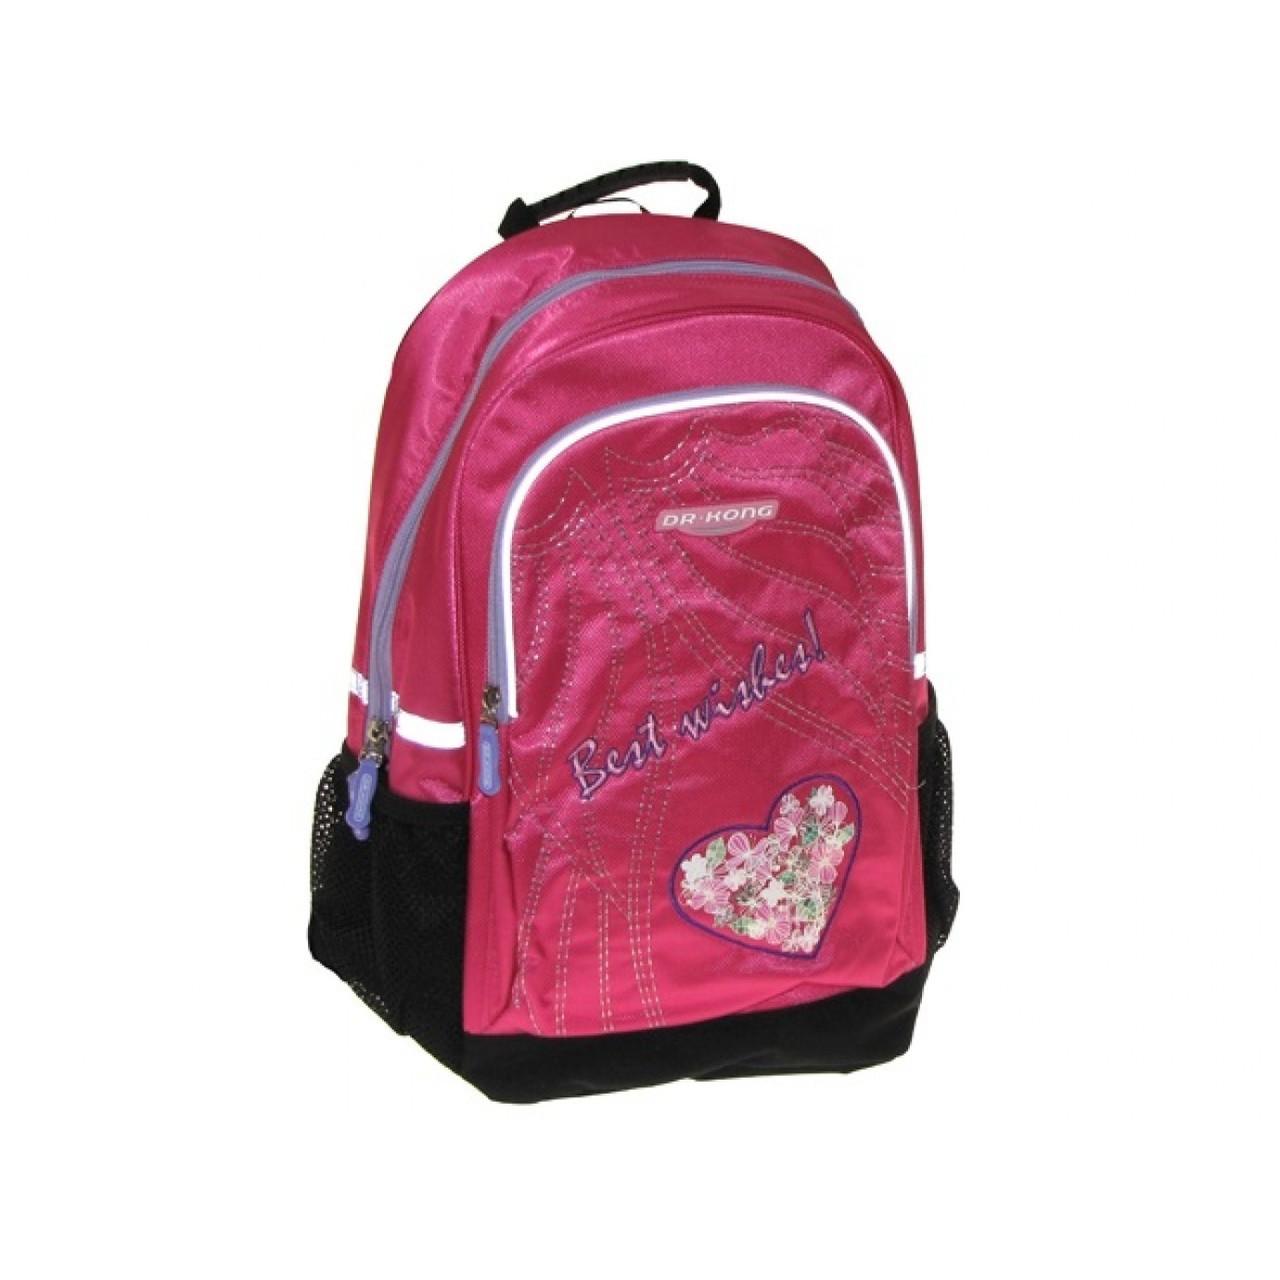 Рюкзак Dr. Kong Z142U 38х28х16см M ортопедична спинка 3 основні відділення 2 кишені рожевий